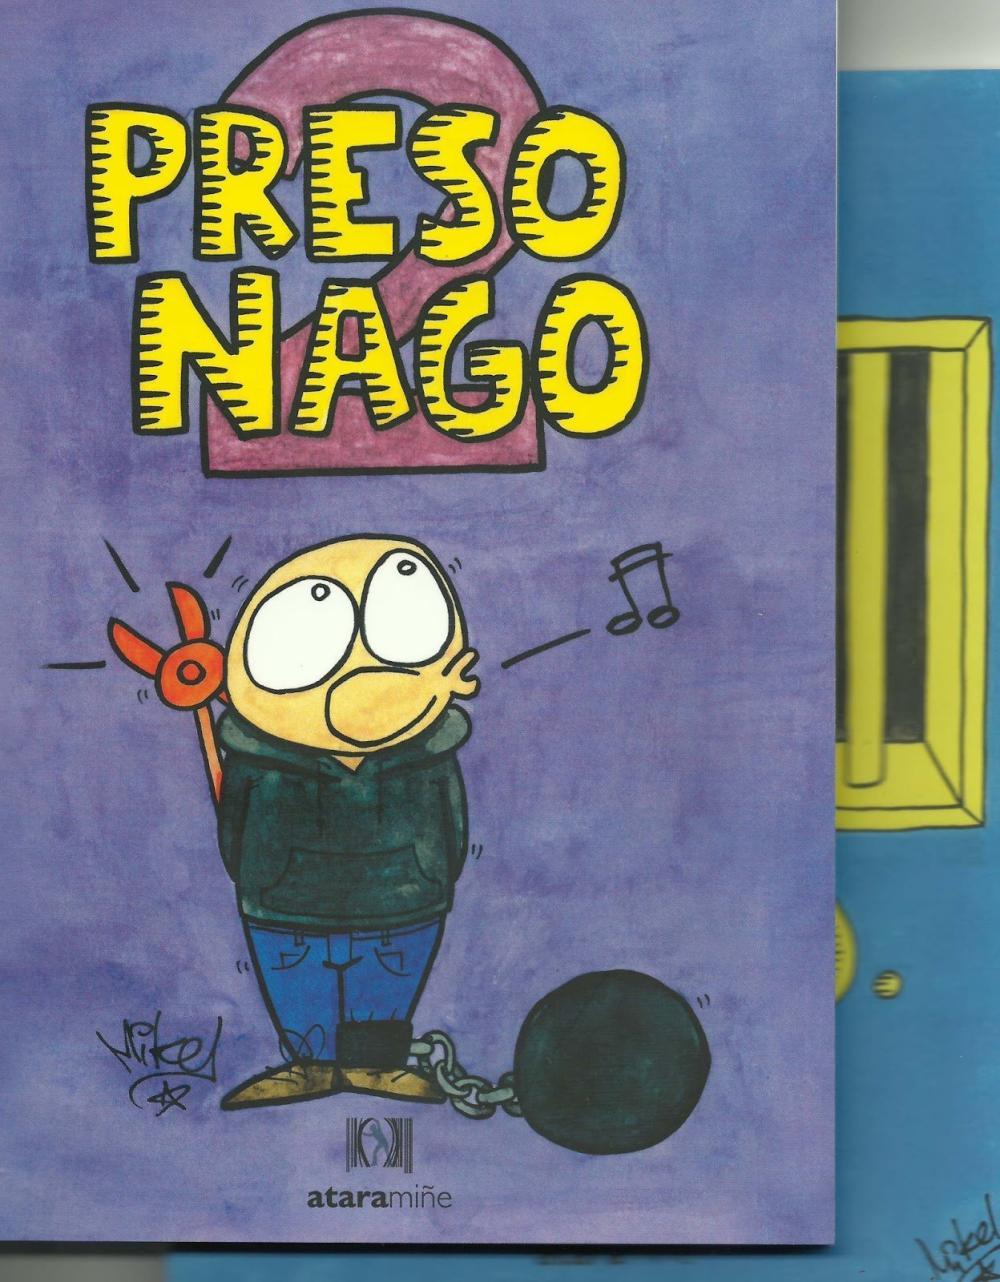 PRESO NAGO